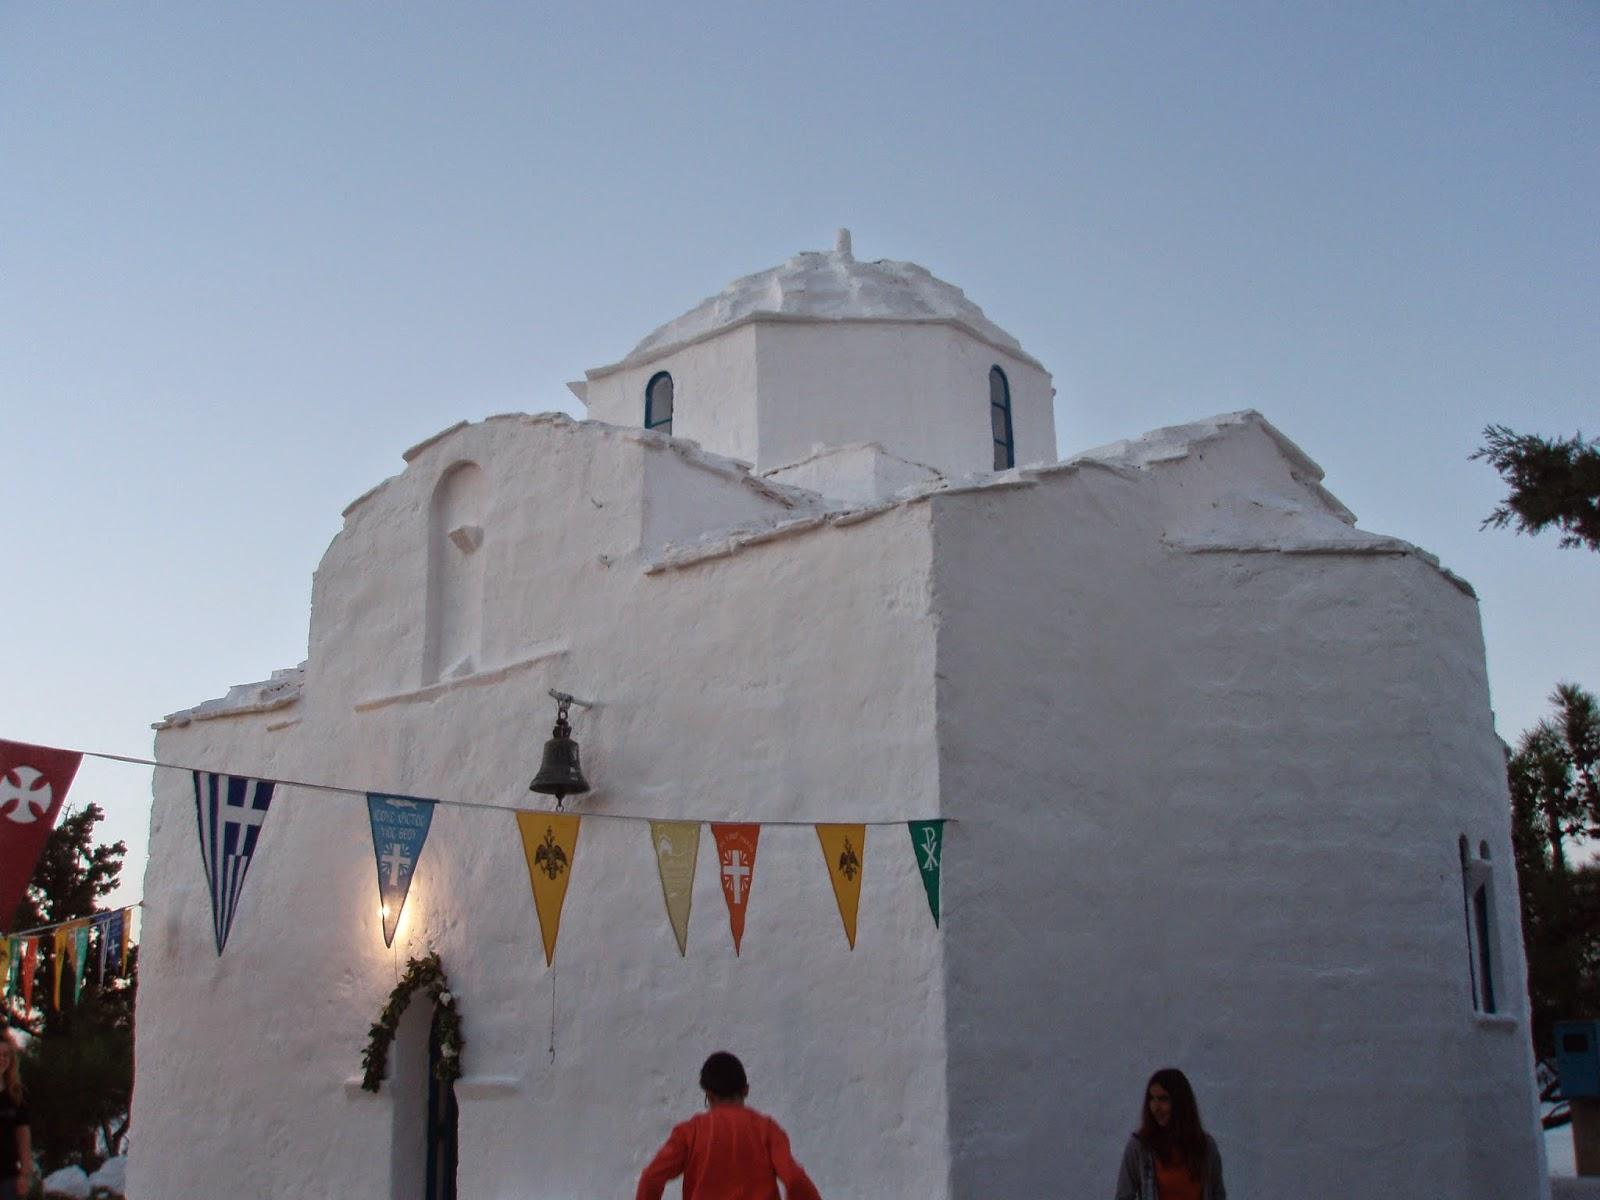 Αυτό είναι το αγαπημένο νησί των Αθηναίων! Υπέροχα νερά κι εναλλαγές στα τοπία που θα ξετρελάνουν κάθε επισκέπτη! (Photos)